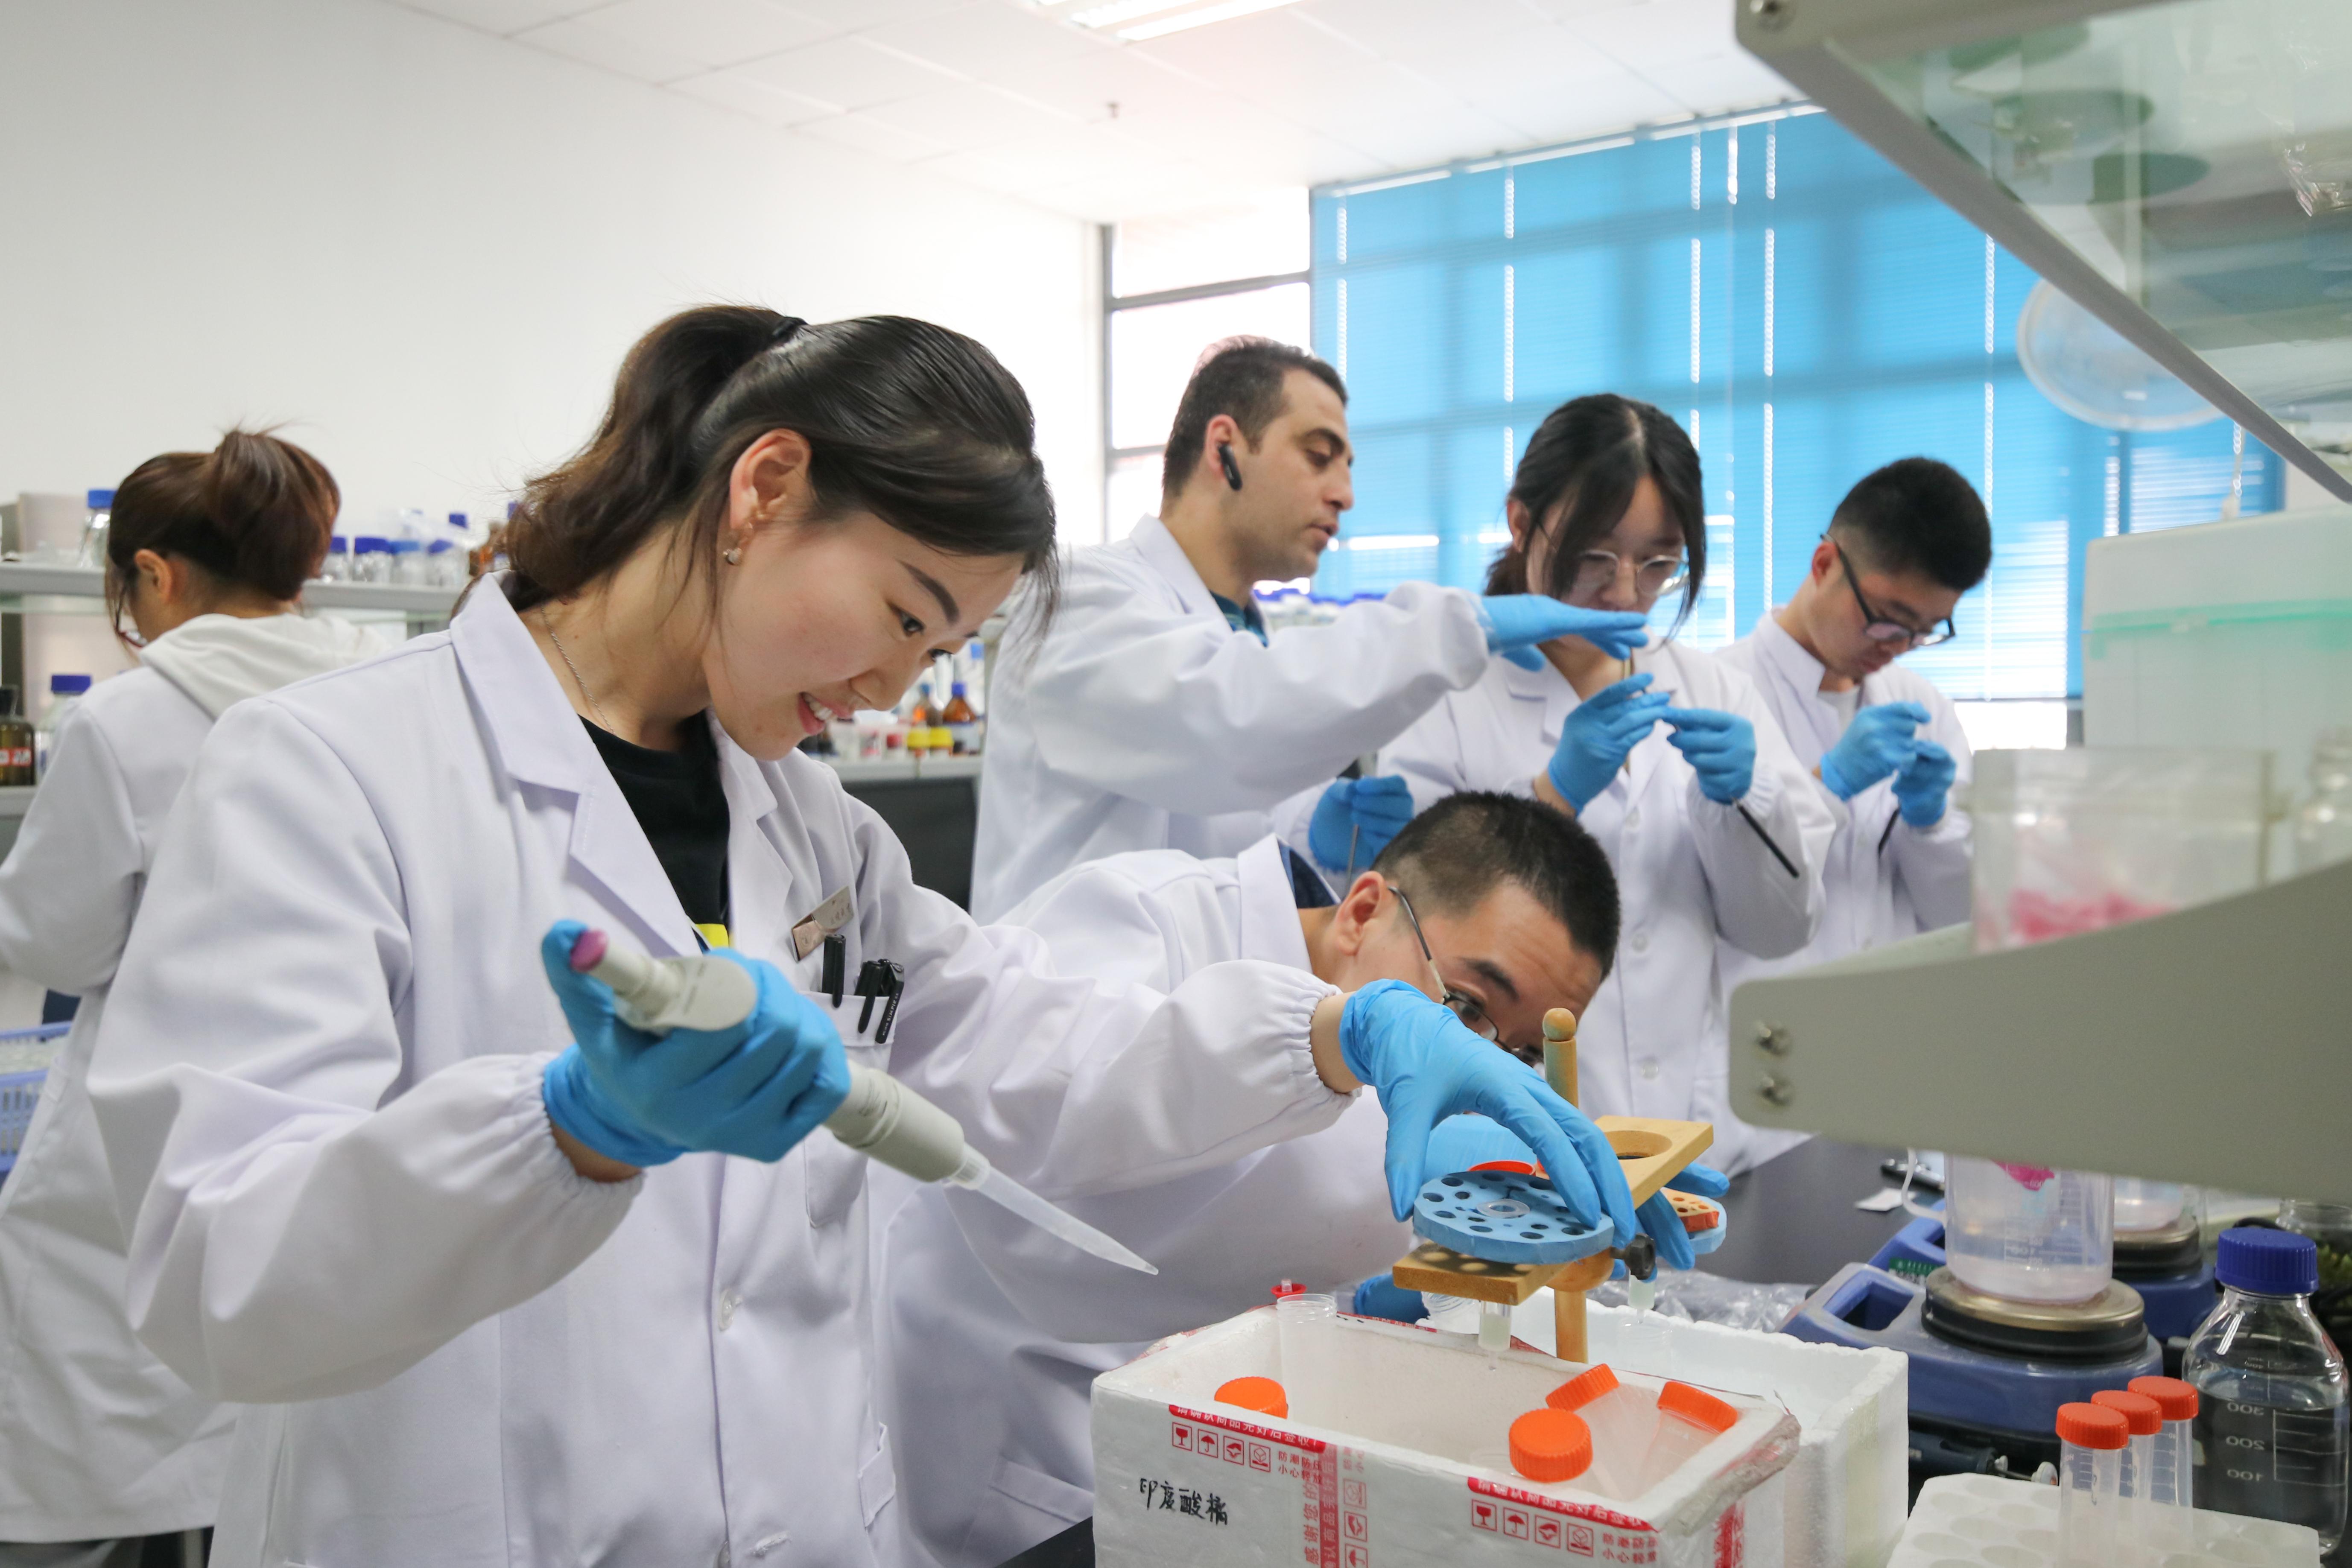 4逆境生物学与遗传改良实验室,师生正在紧张有序工作【学通社记者 章洁瑜 摄】